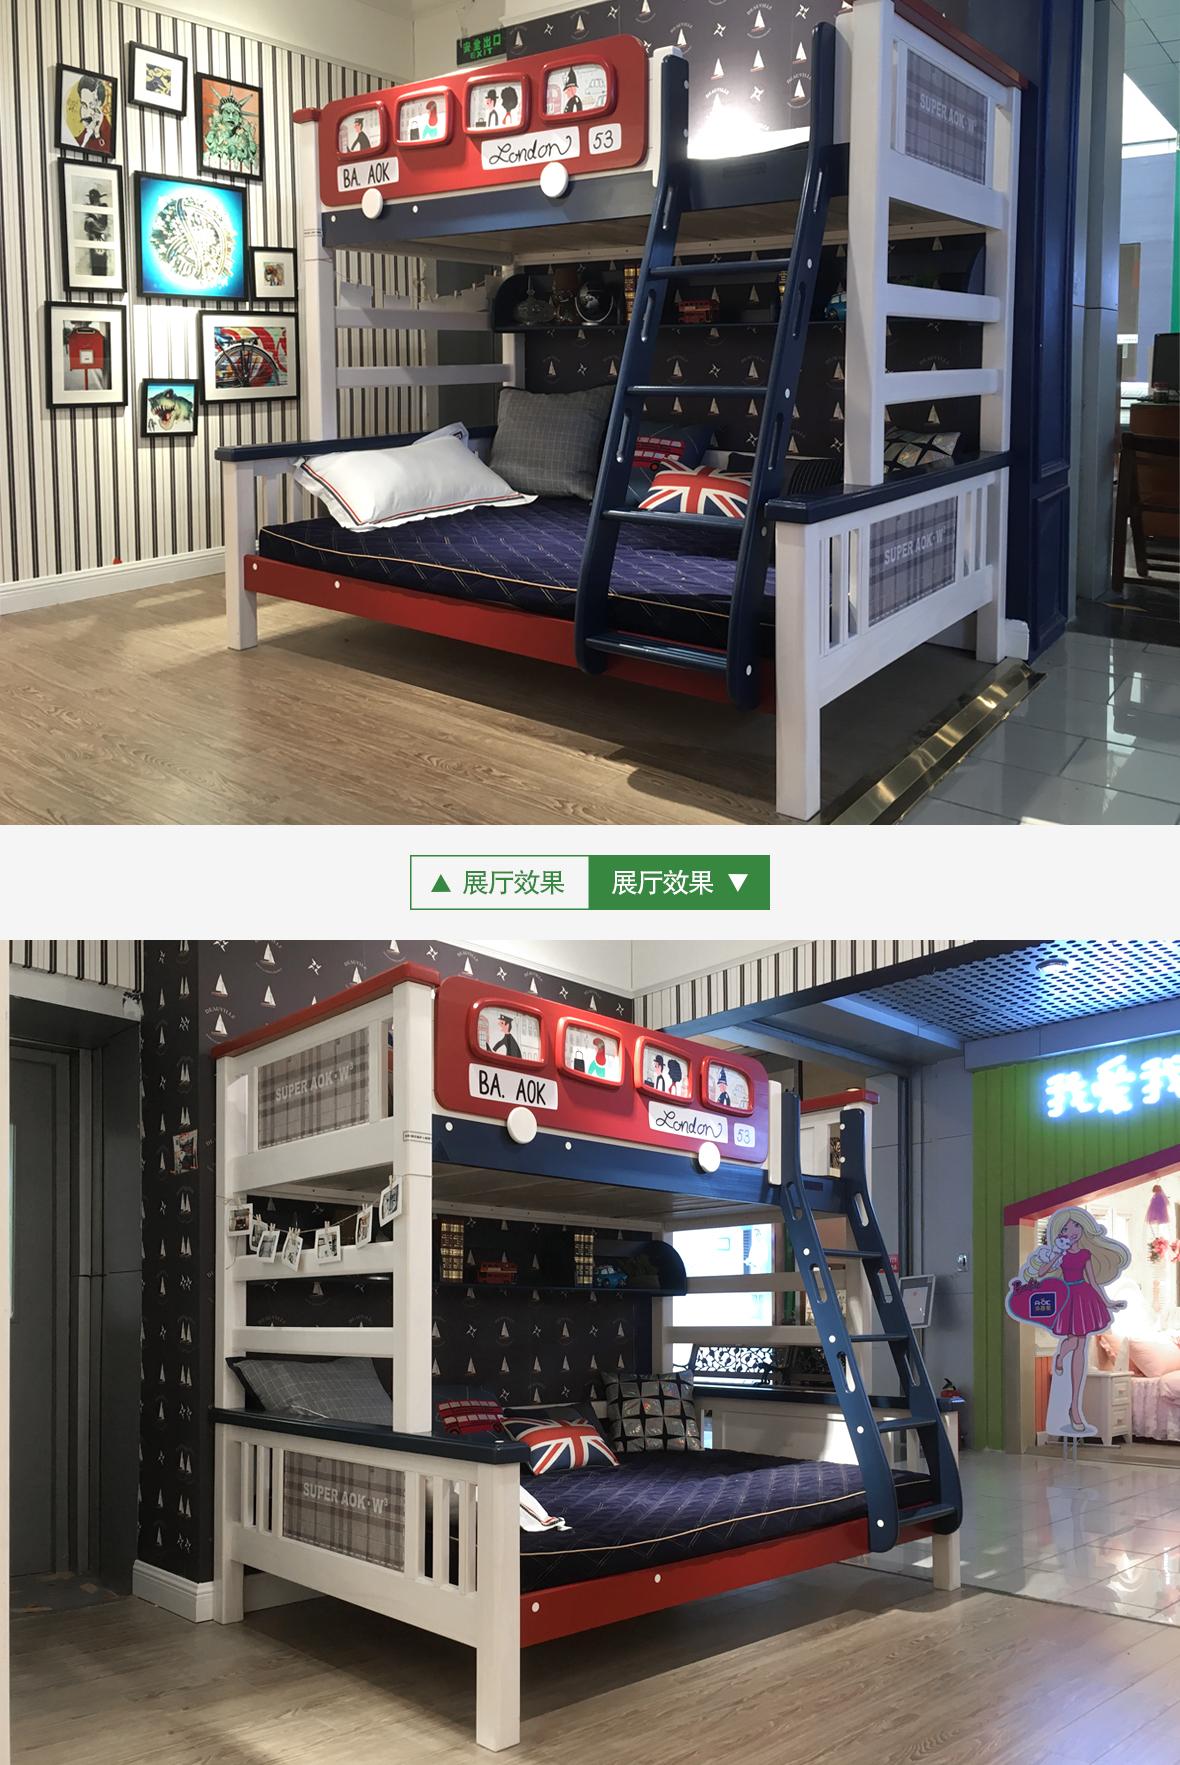 多喜爱 DNA501-135型号上下床 云杉儿童家具图片、价格、品牌、评测样样齐全!【蓝景商城正品行货,蓝景丽家大钟寺家居广场提货,北京地区配送,领券更优惠,线上线下同品同价,立即购买享受更多优惠哦!】